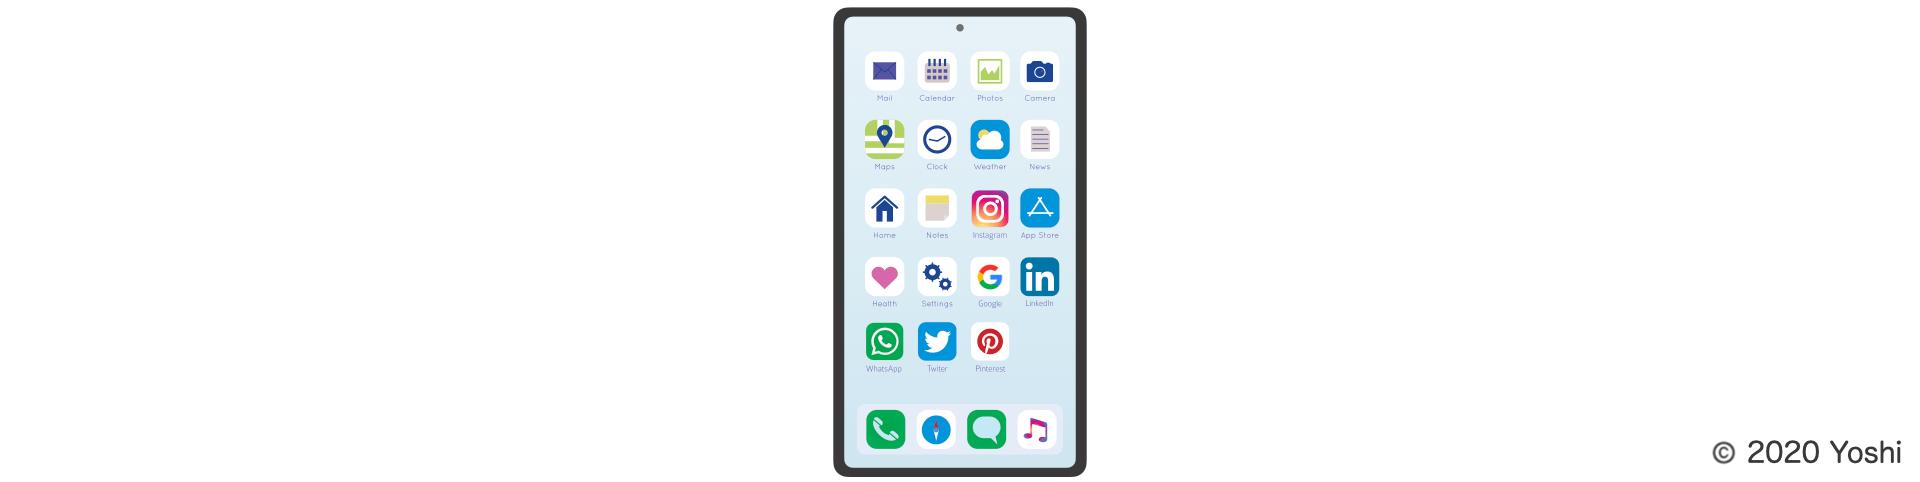 スマートフォン内のアプリケーションの数